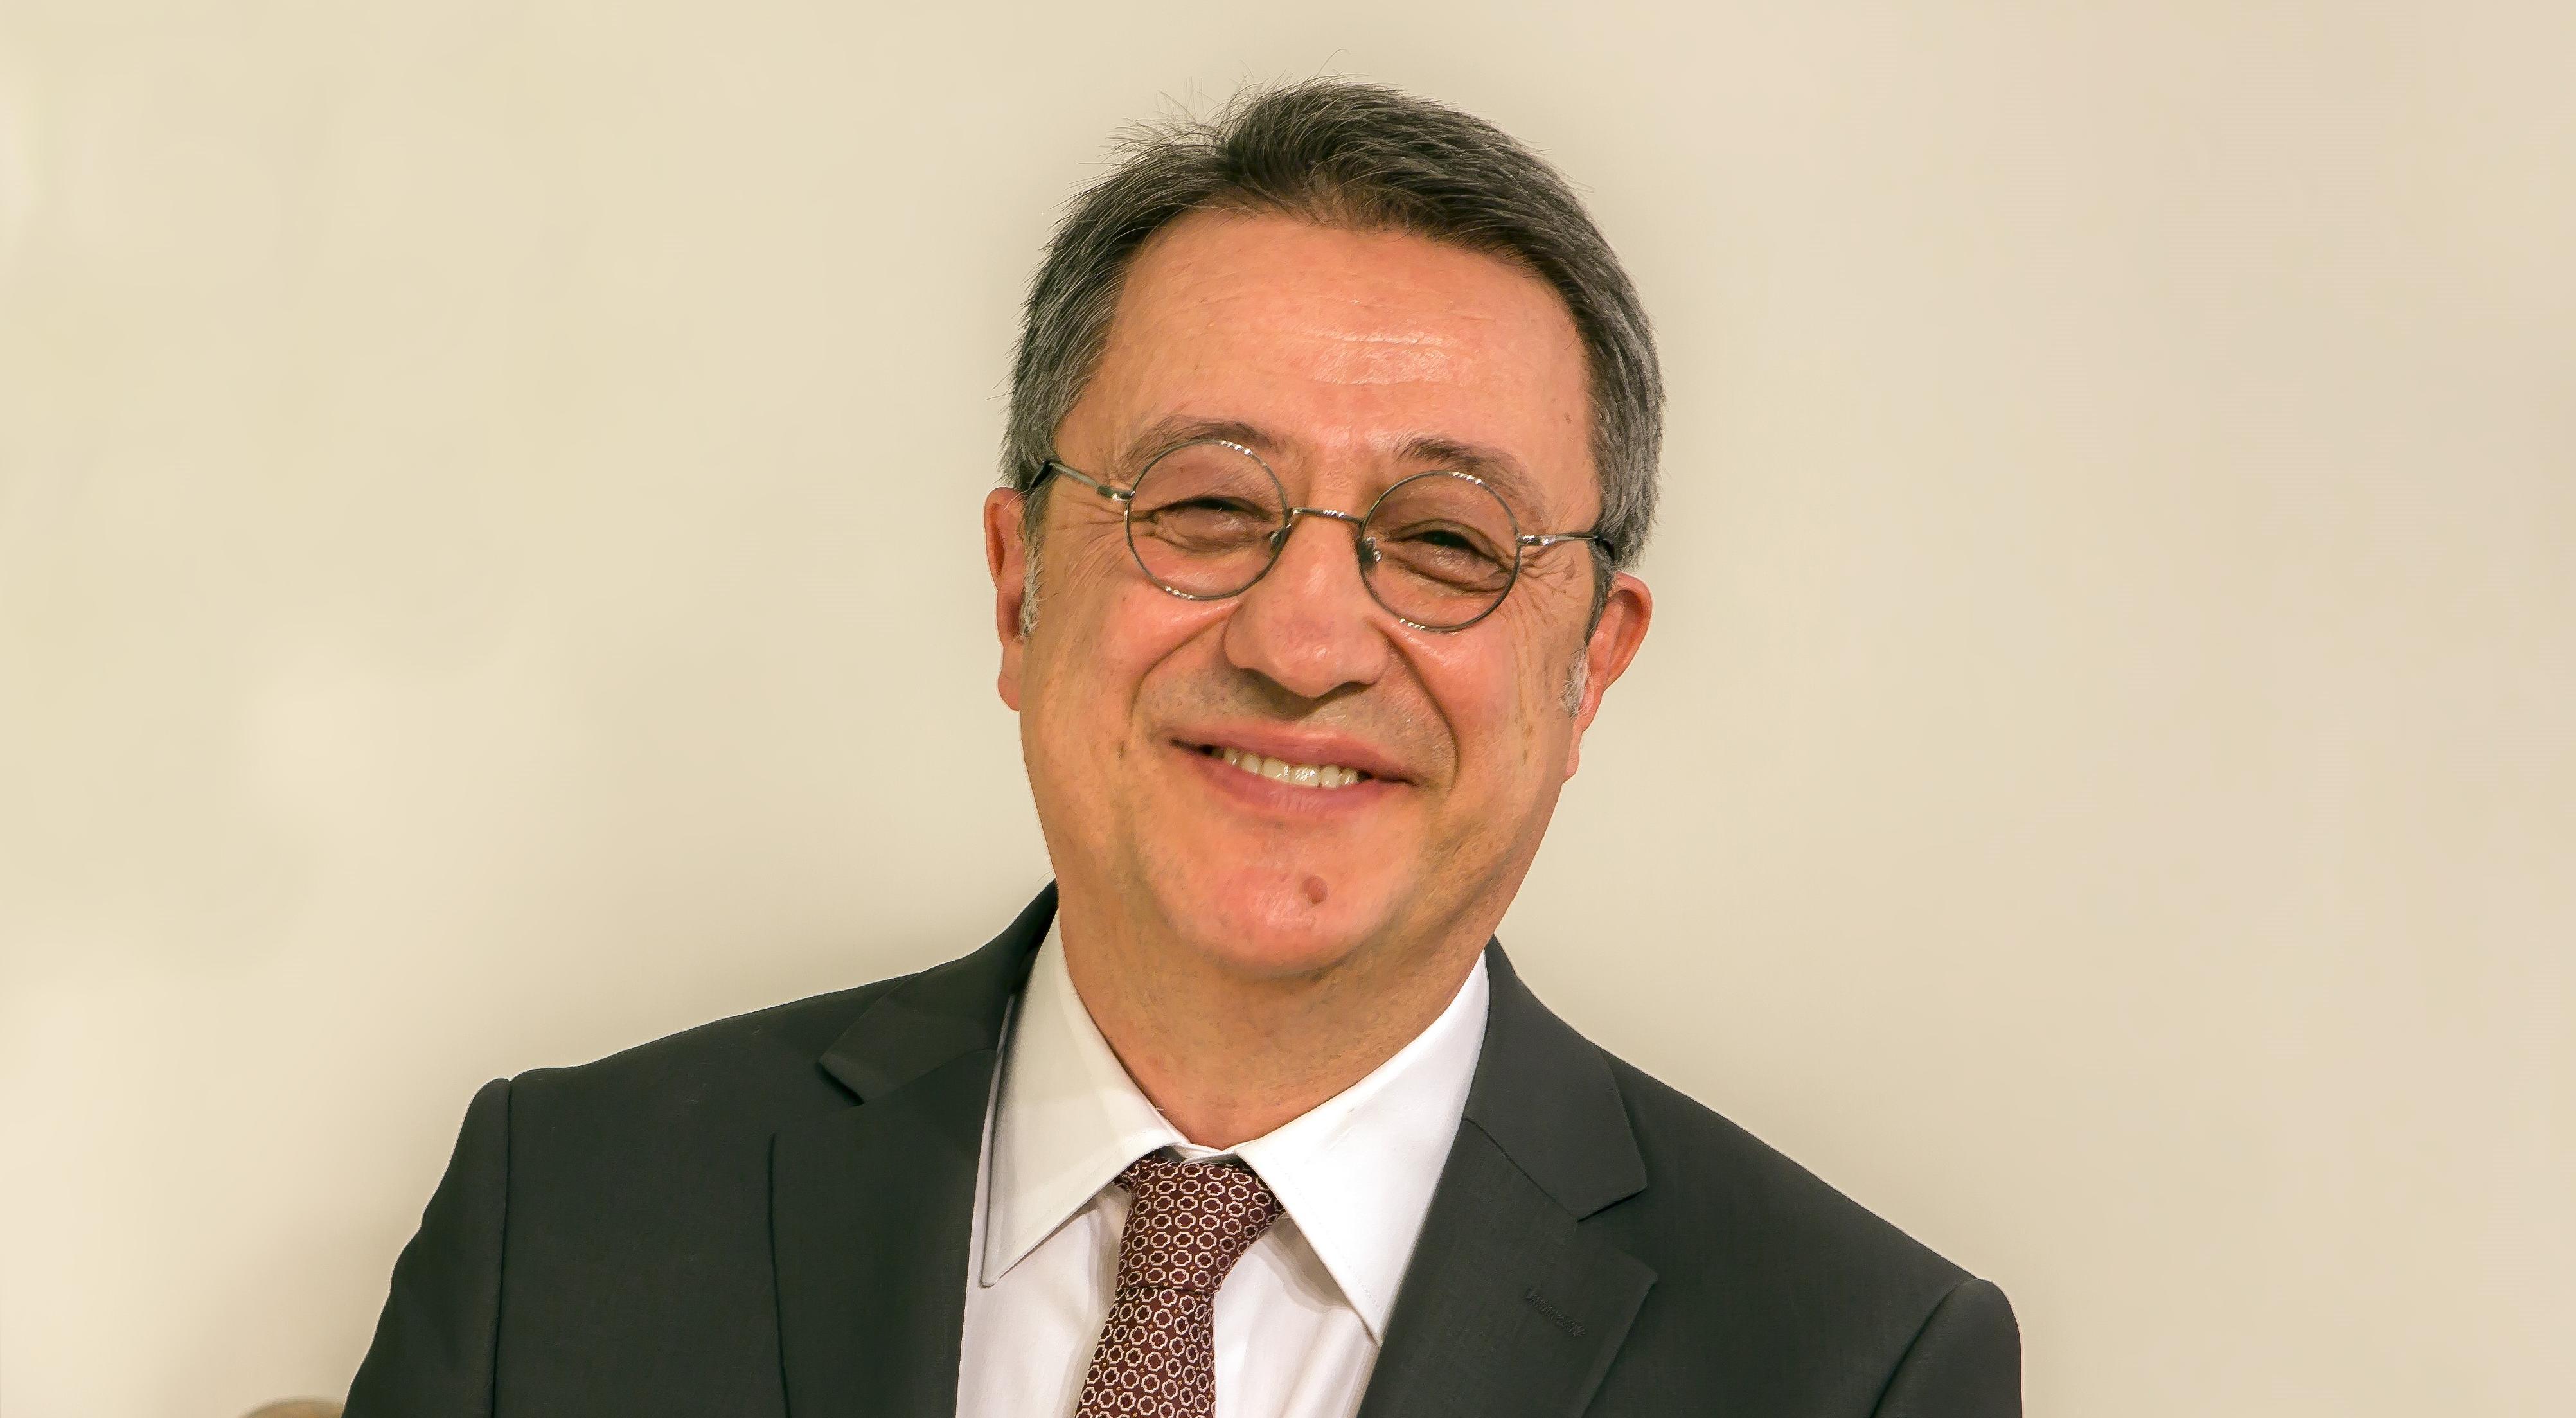 Mercer Türkiye'de Yetenek Yönetimi ve Ödüllendirme Bölümünün  Yeni Lideri Okan Sezer Oldu